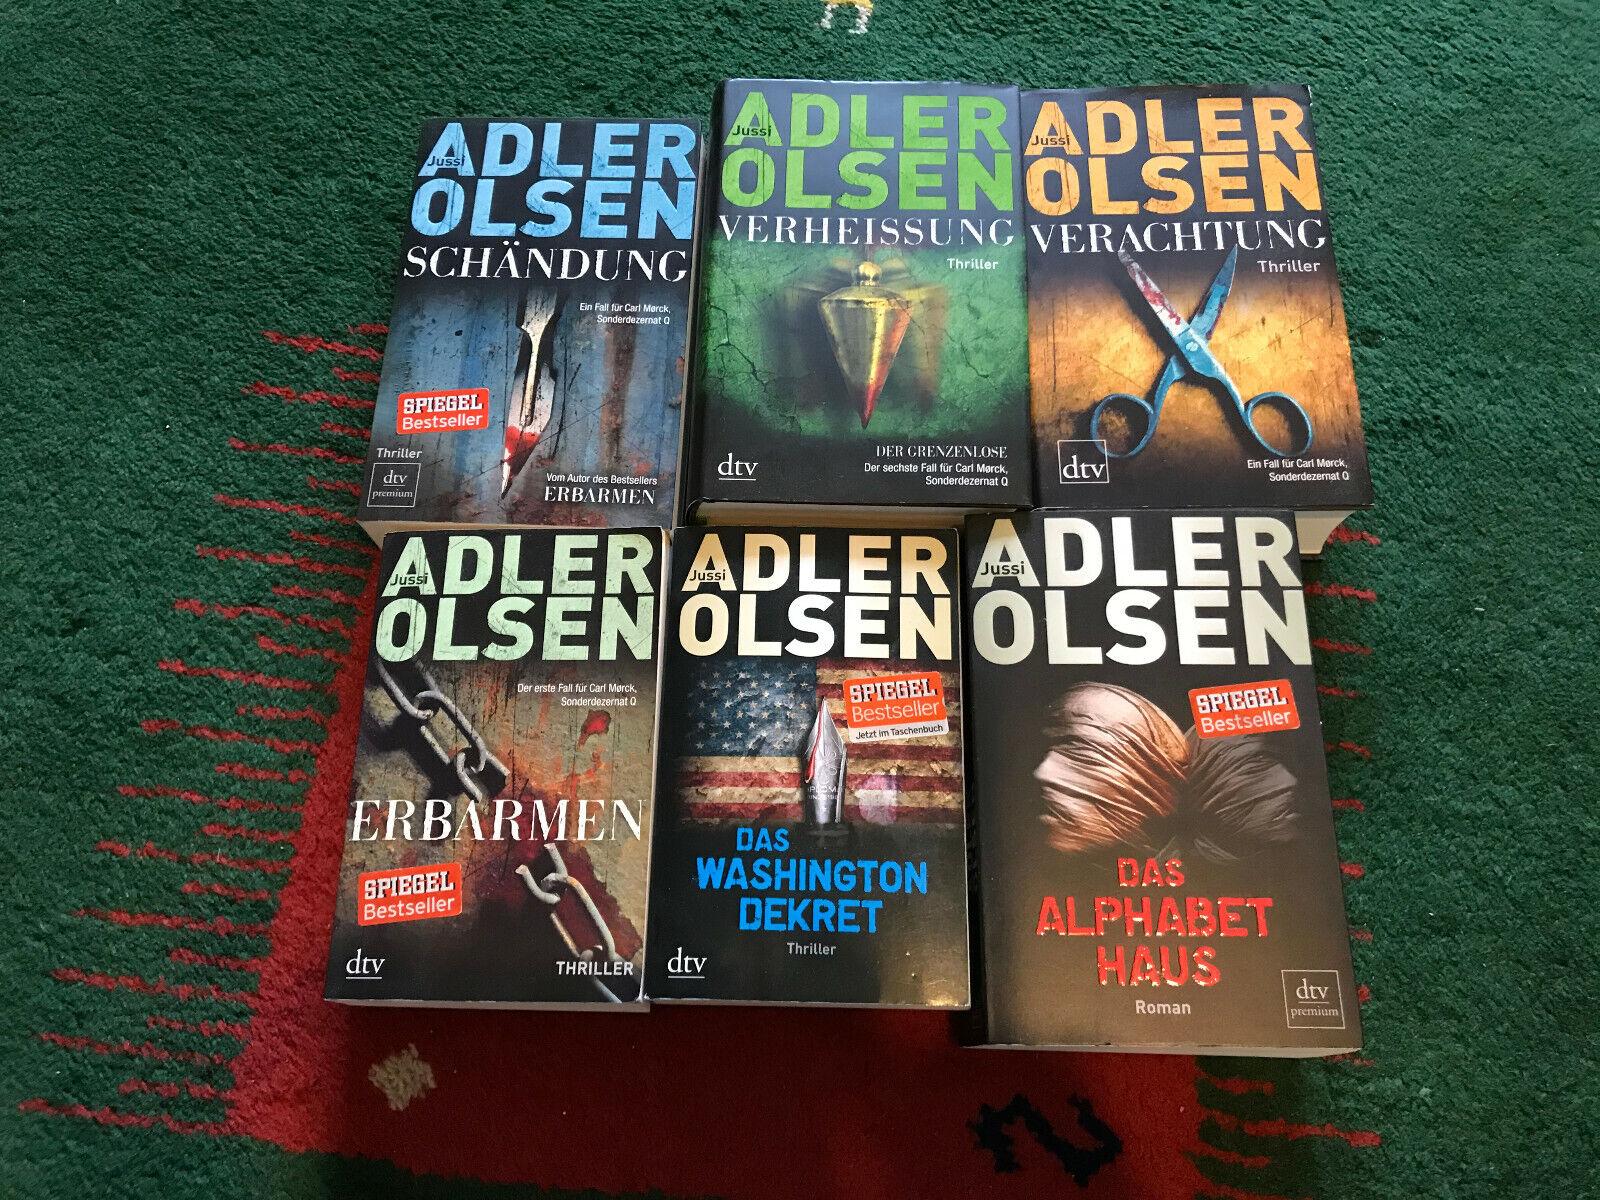 6 Bestseller-Romane (Buchbände) des bekannten Autors Jussi Adler Olsen